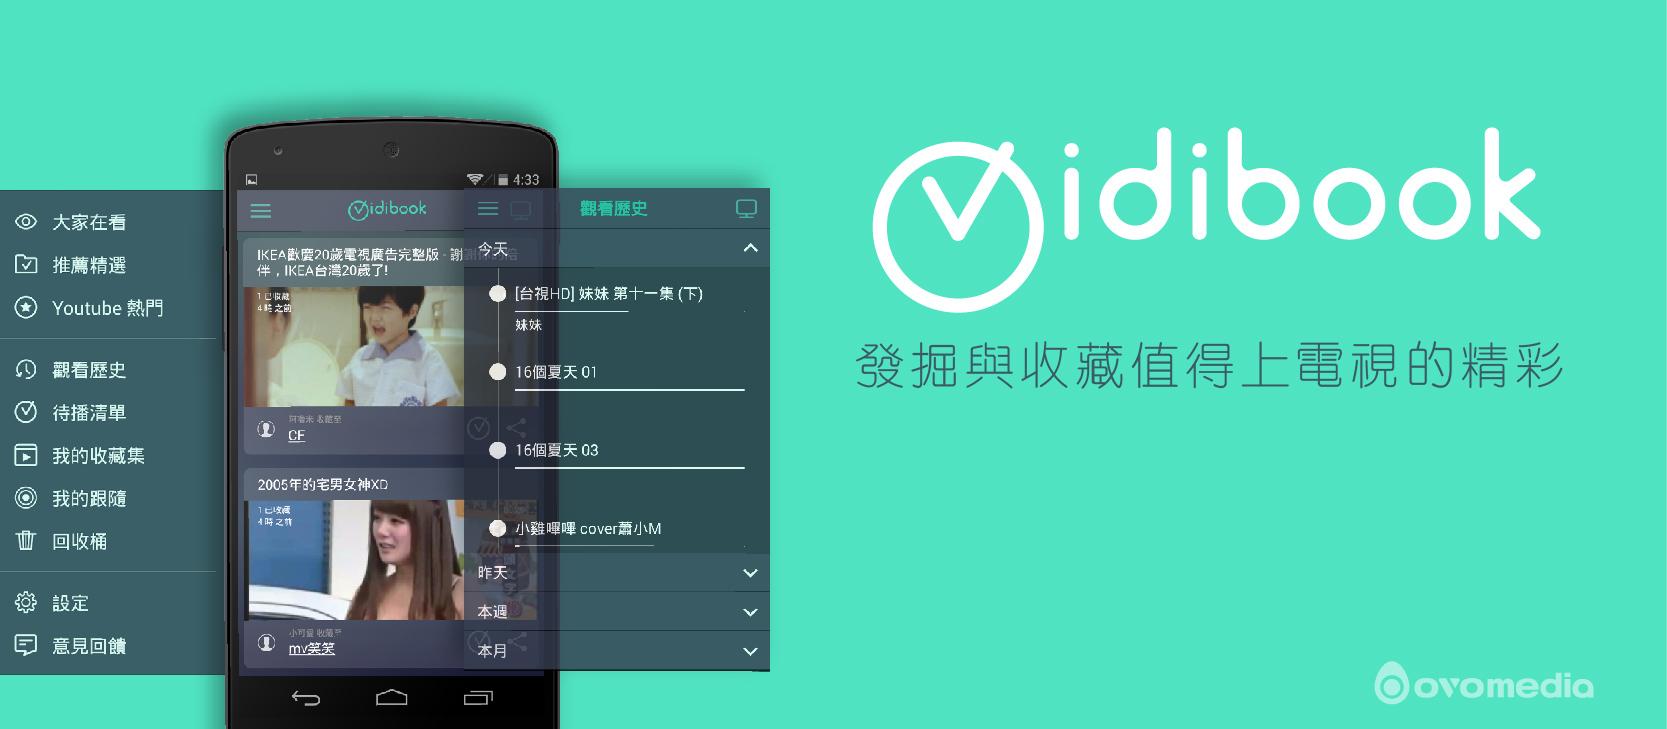 影音享樂再進化!Vidibook App多螢影音新體驗  展雋創意推Vidibook App 透過群眾的力量 讓好的影音被看見